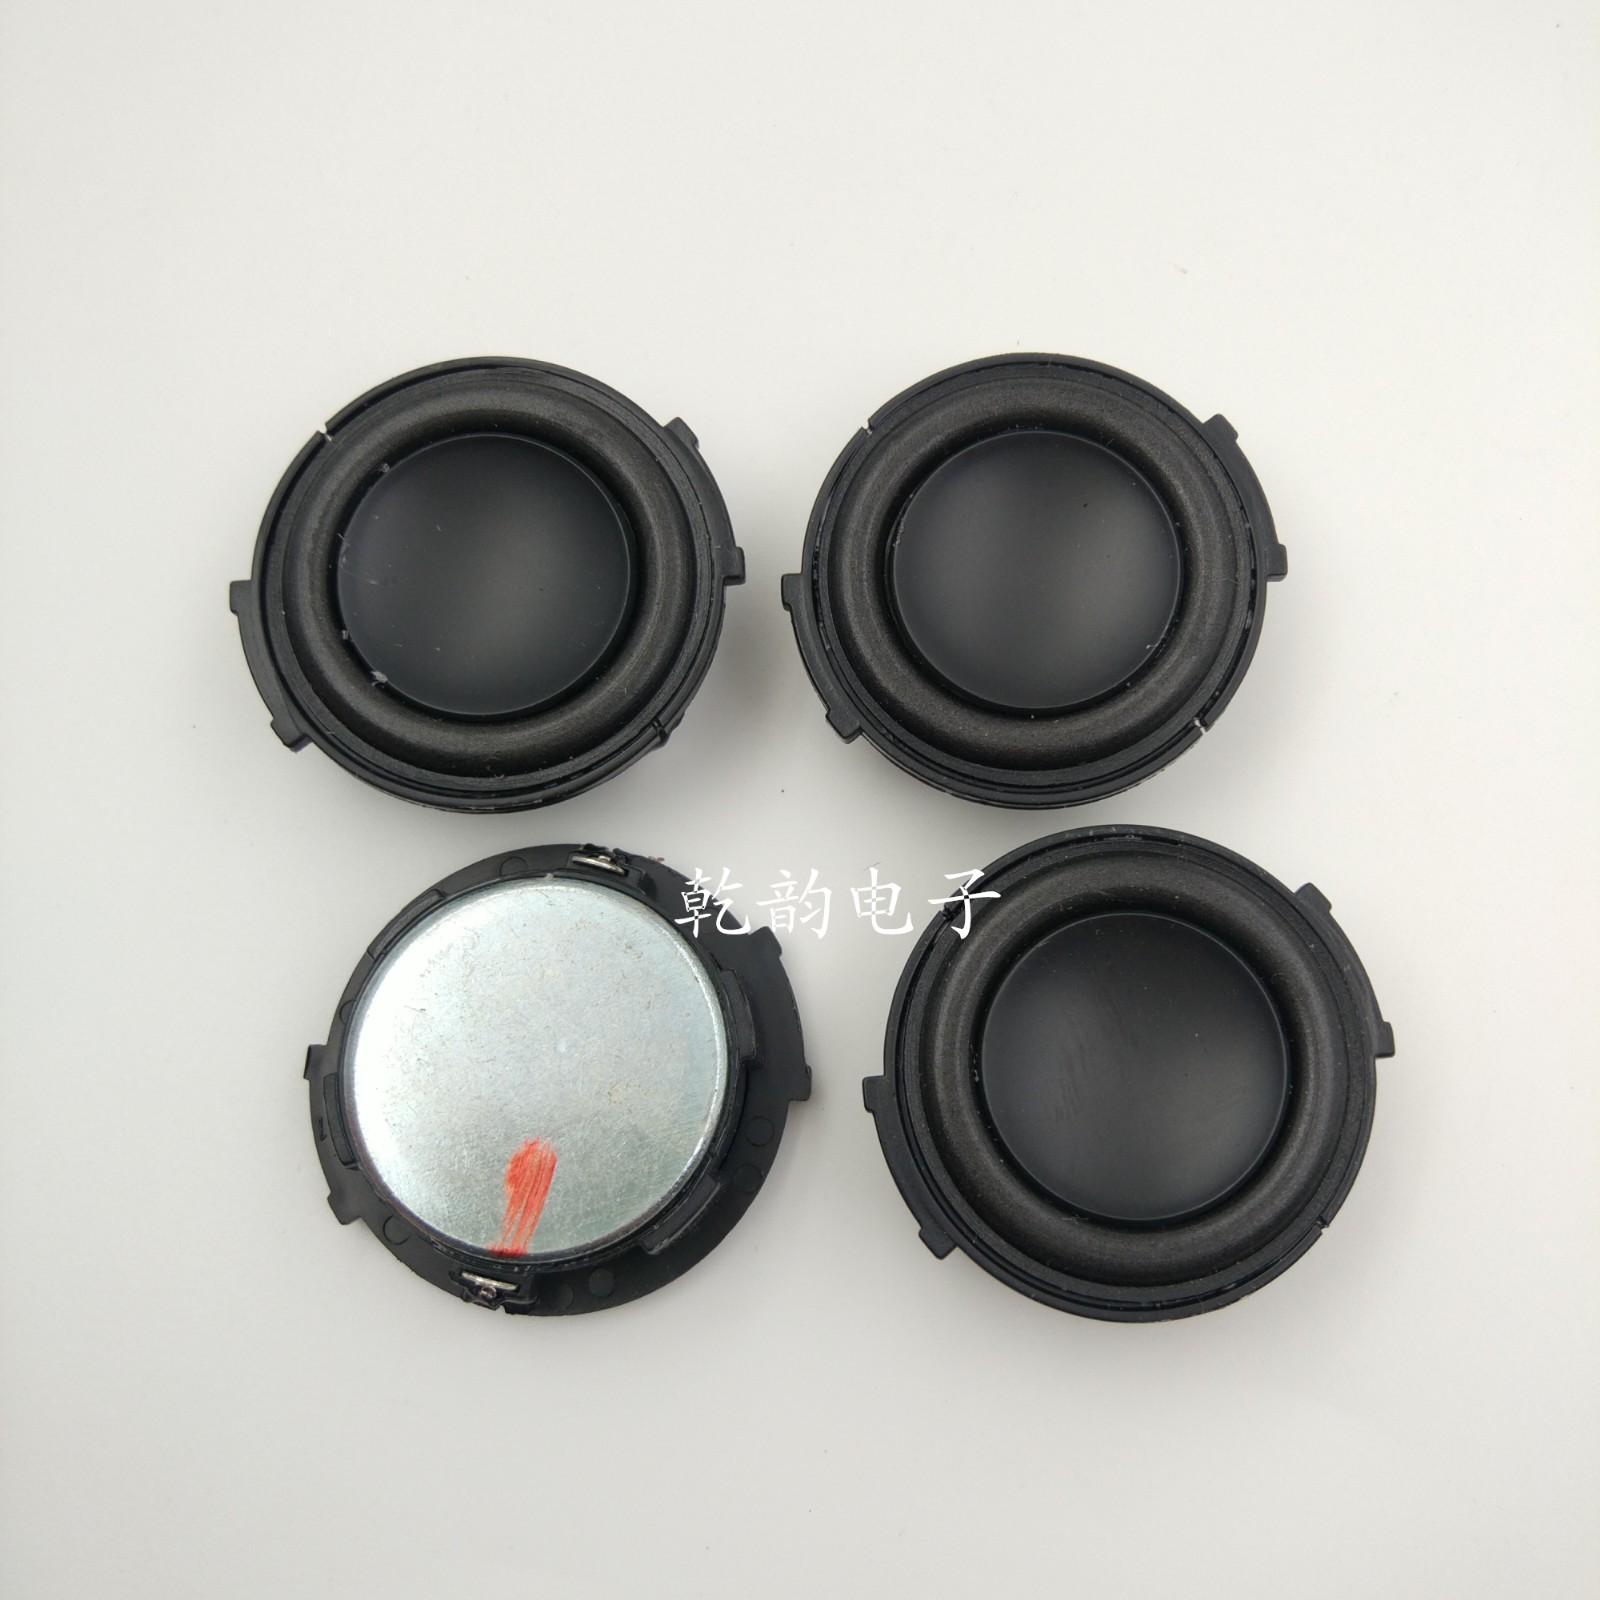 34MM4欧姆3w小米方盒子蓝牙音箱喇叭 全频便携播放器大磁钢扬声器